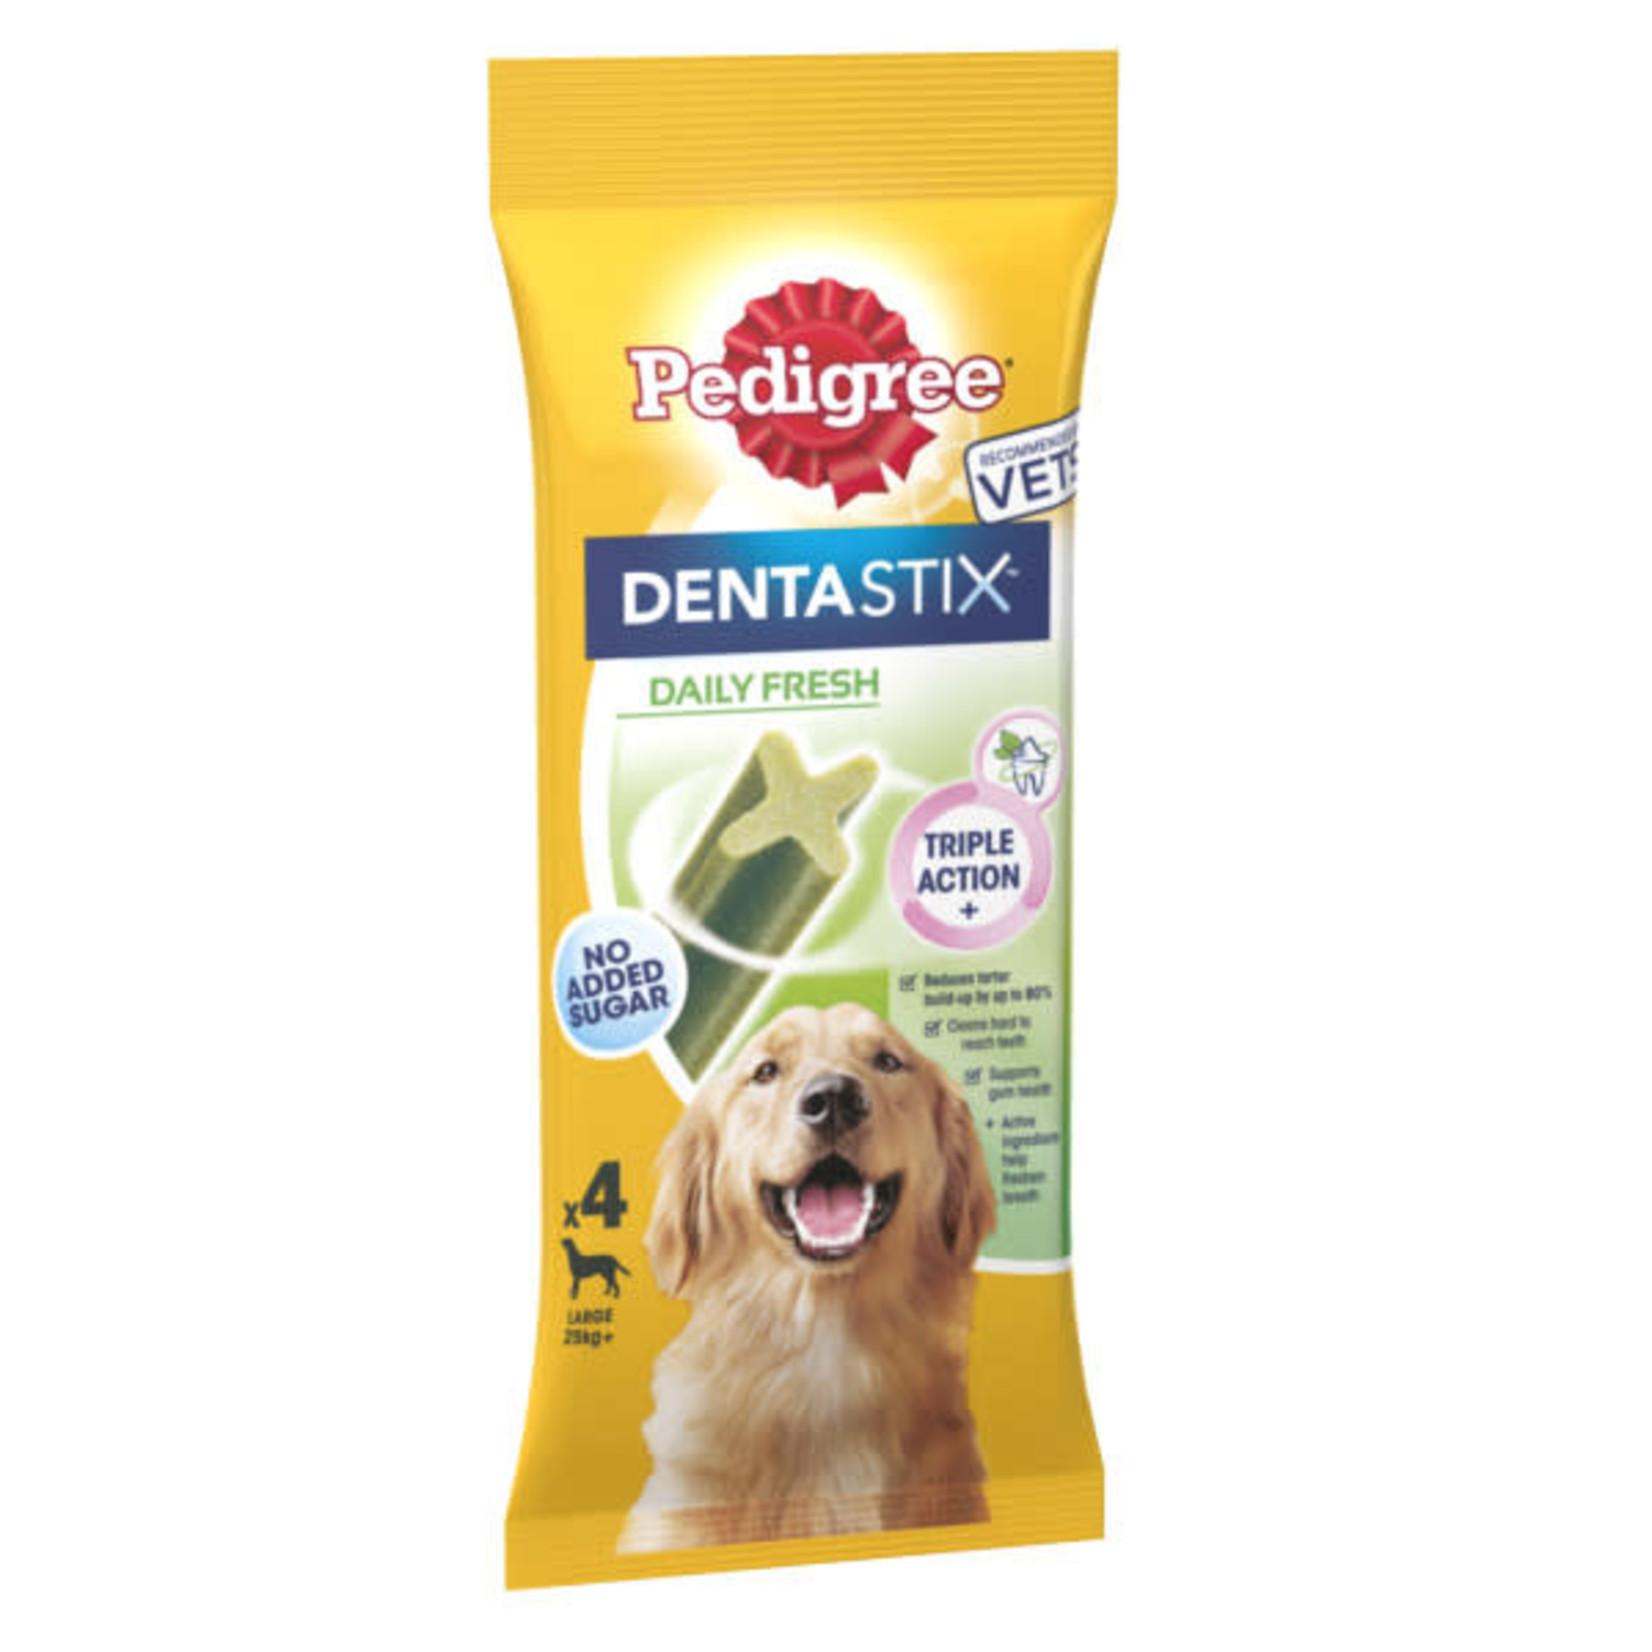 Pedigree Dentastix Fresh Daily Oral Care Dental Chews, Large Dog over 25kg